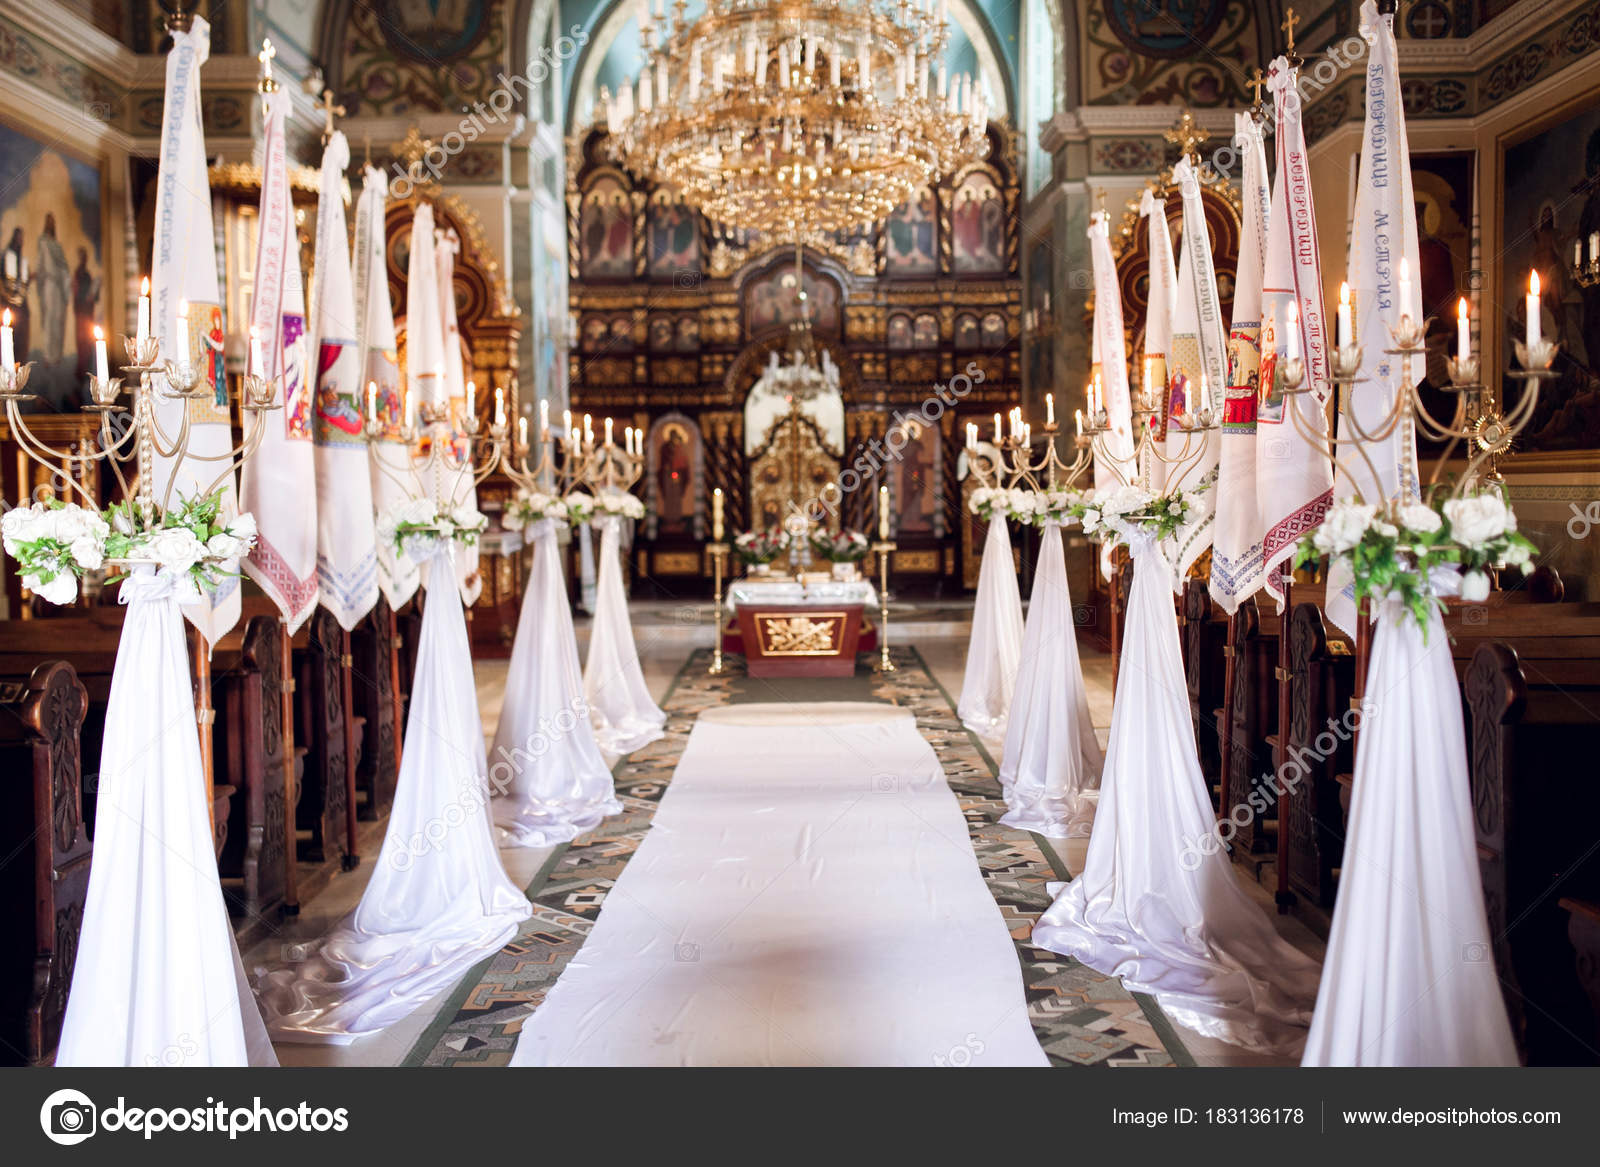 Innenraum Der Kirche Mit Dekoration Fur Hochzeit Mit Teelichtern